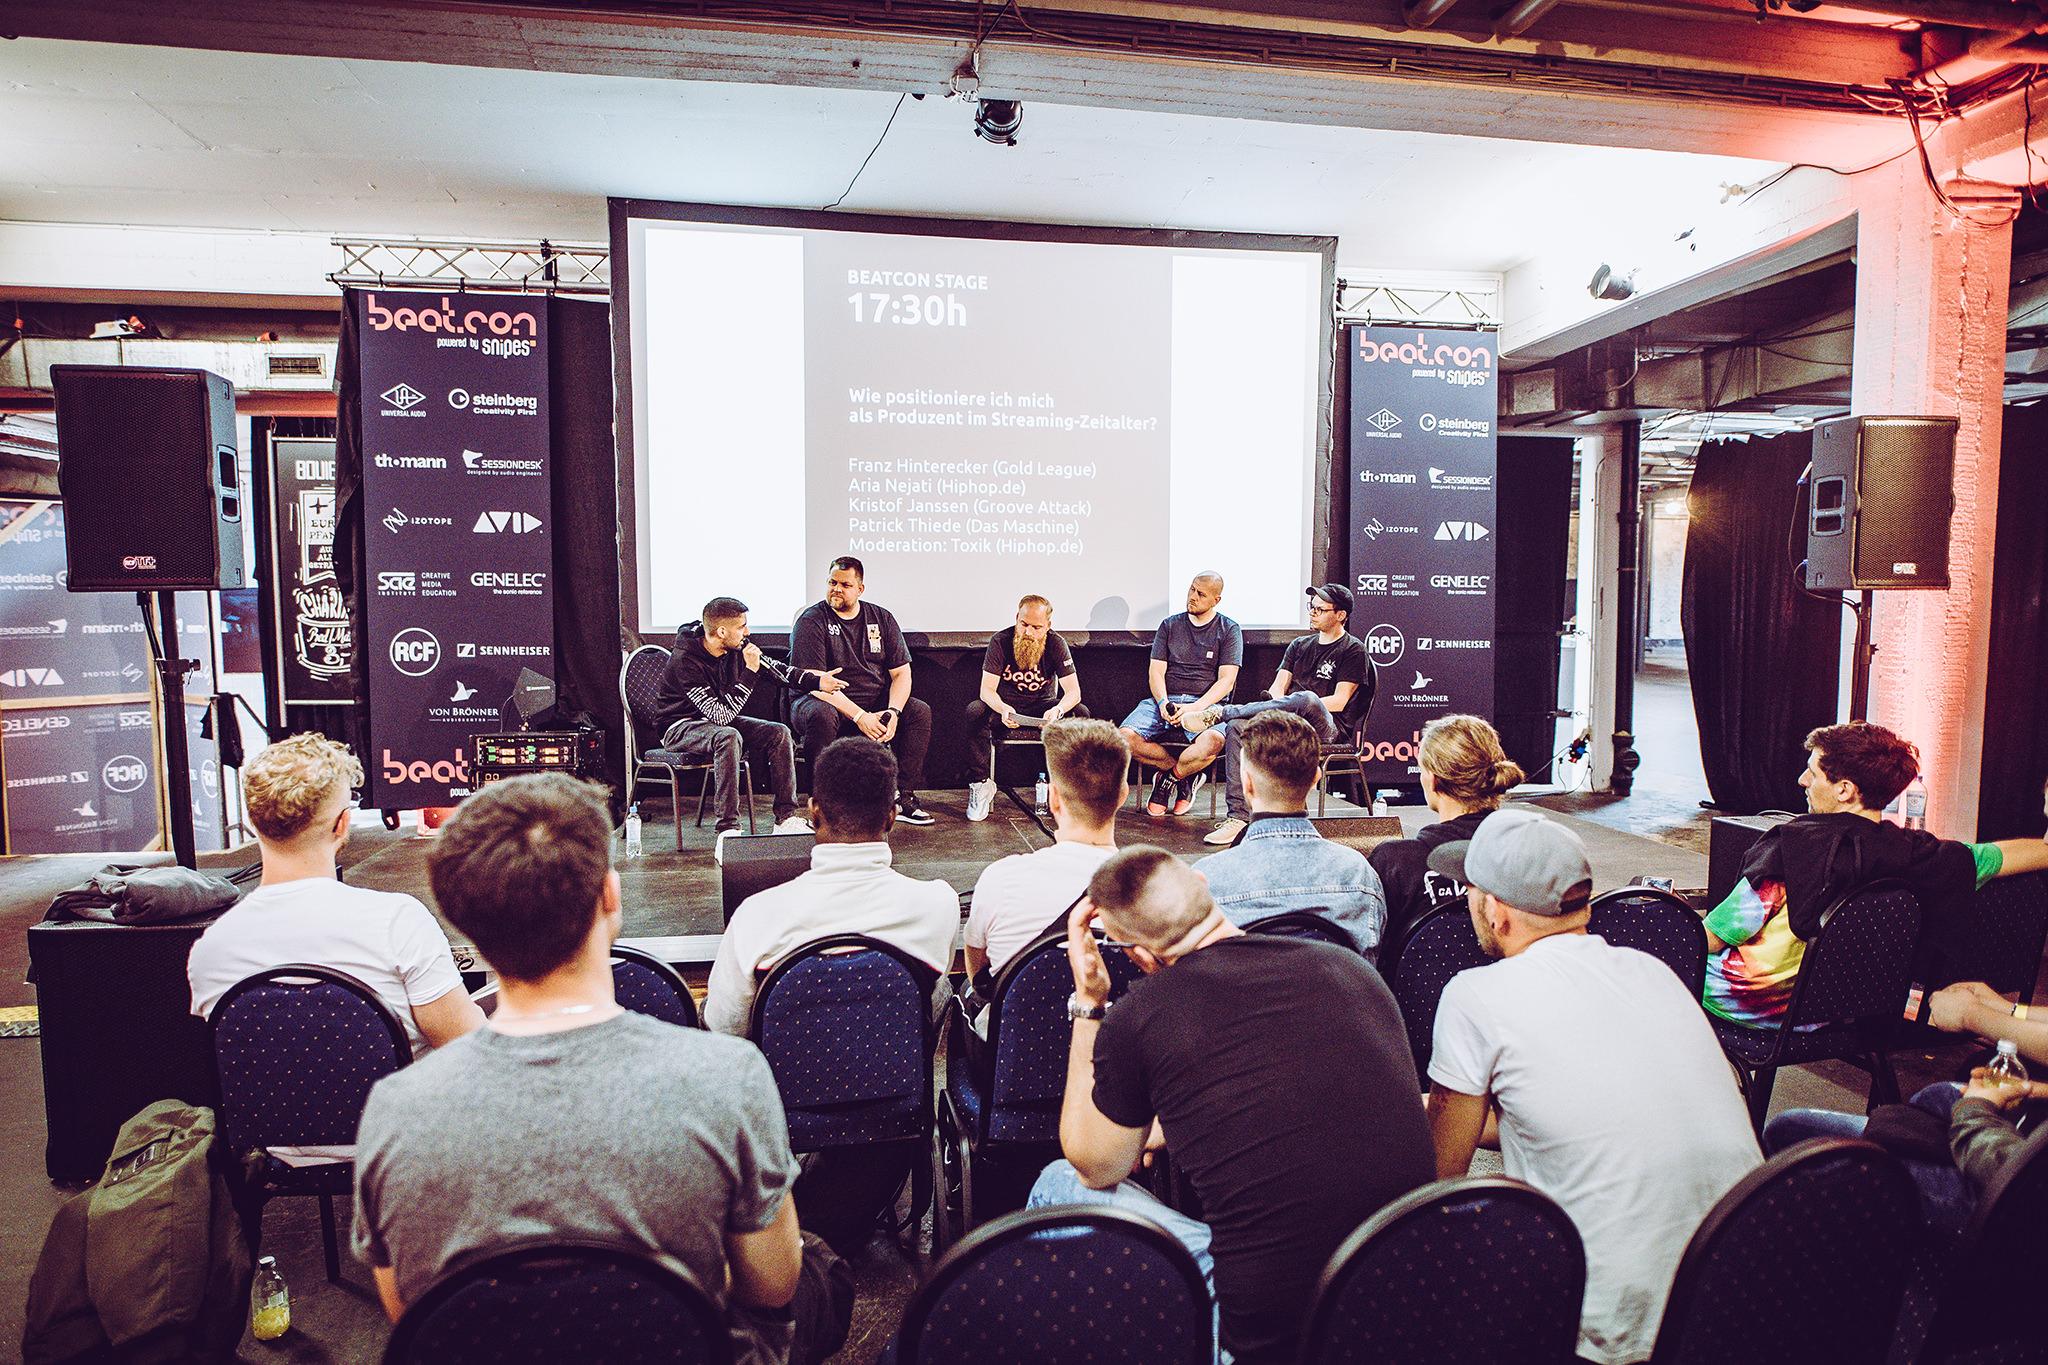 Aria Nejati, Franz Hinterecker, Tobias 'Toxik' Kargoll, Patrick Thiede und Kristof Janssen auf der beatcon Stage